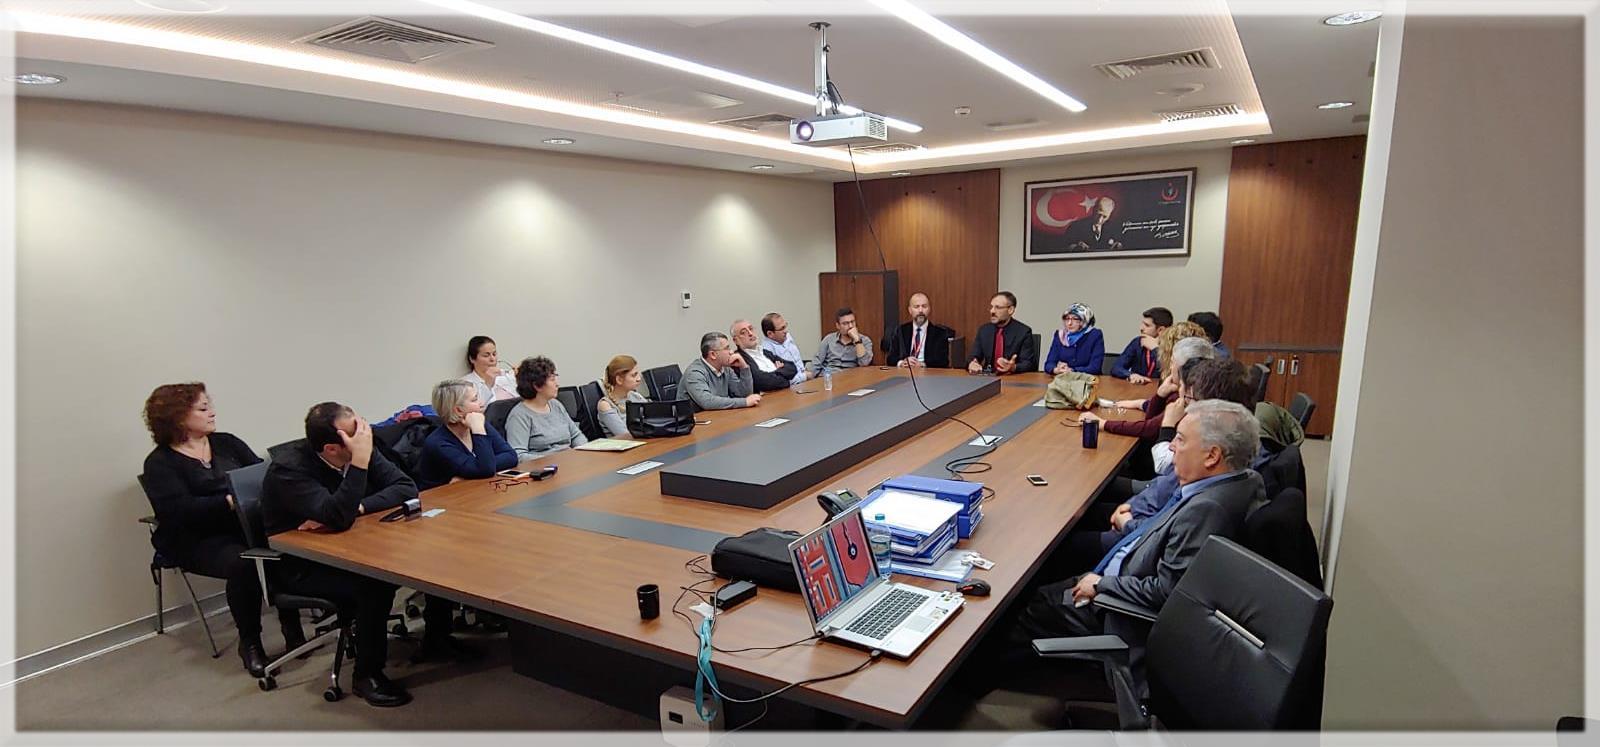 Nöbet Muafiyet Raporları Değerlendirme Komisyonu Toplantısı (8-10 Ocak 2019)